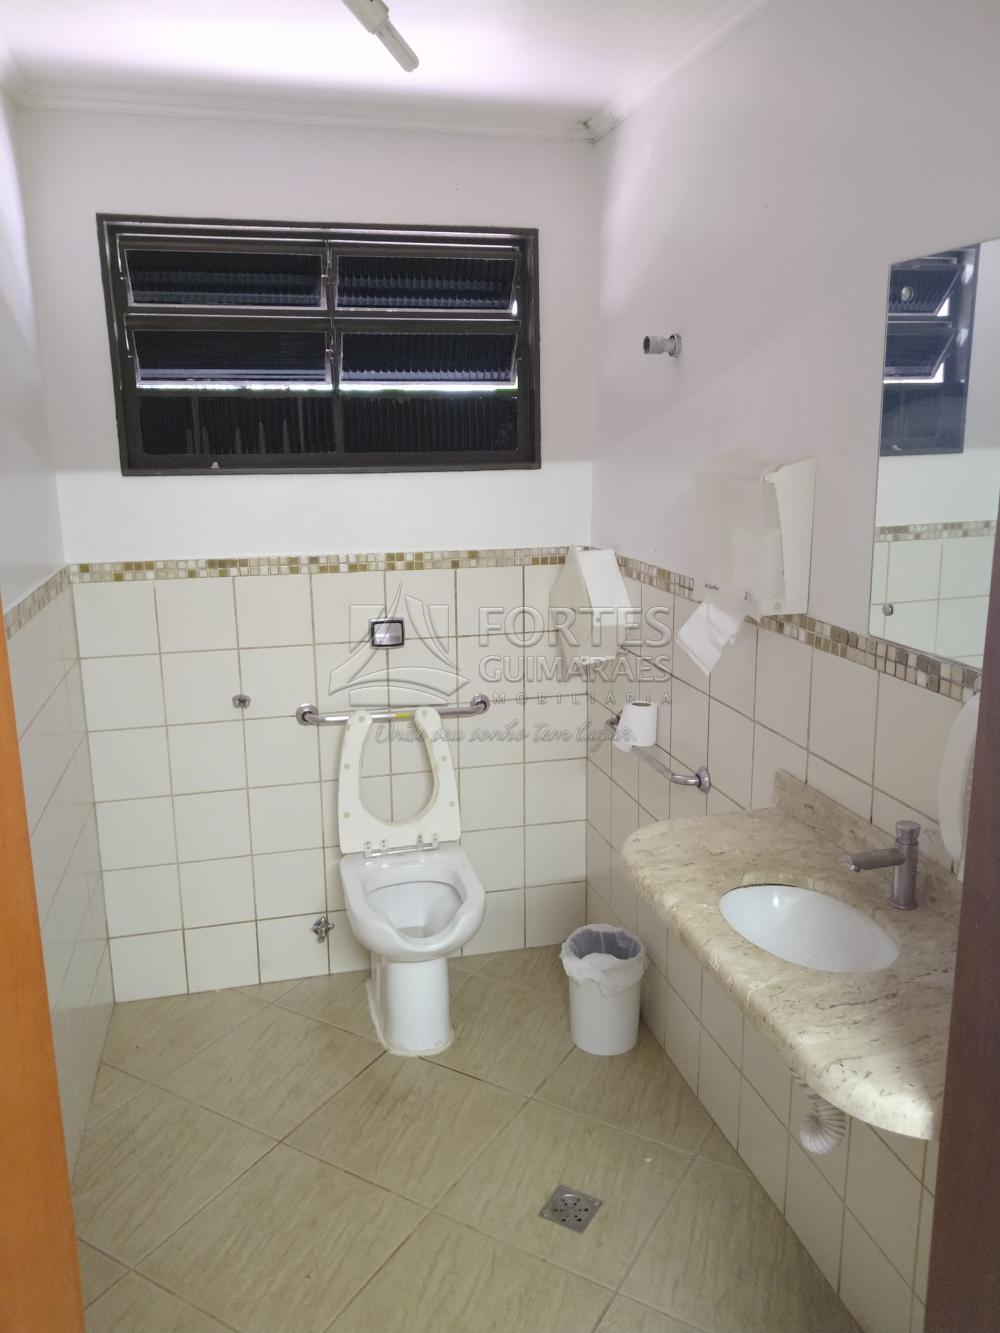 Alugar Comercial / Imóvel Comercial em Ribeirão Preto apenas R$ 12.000,00 - Foto 104